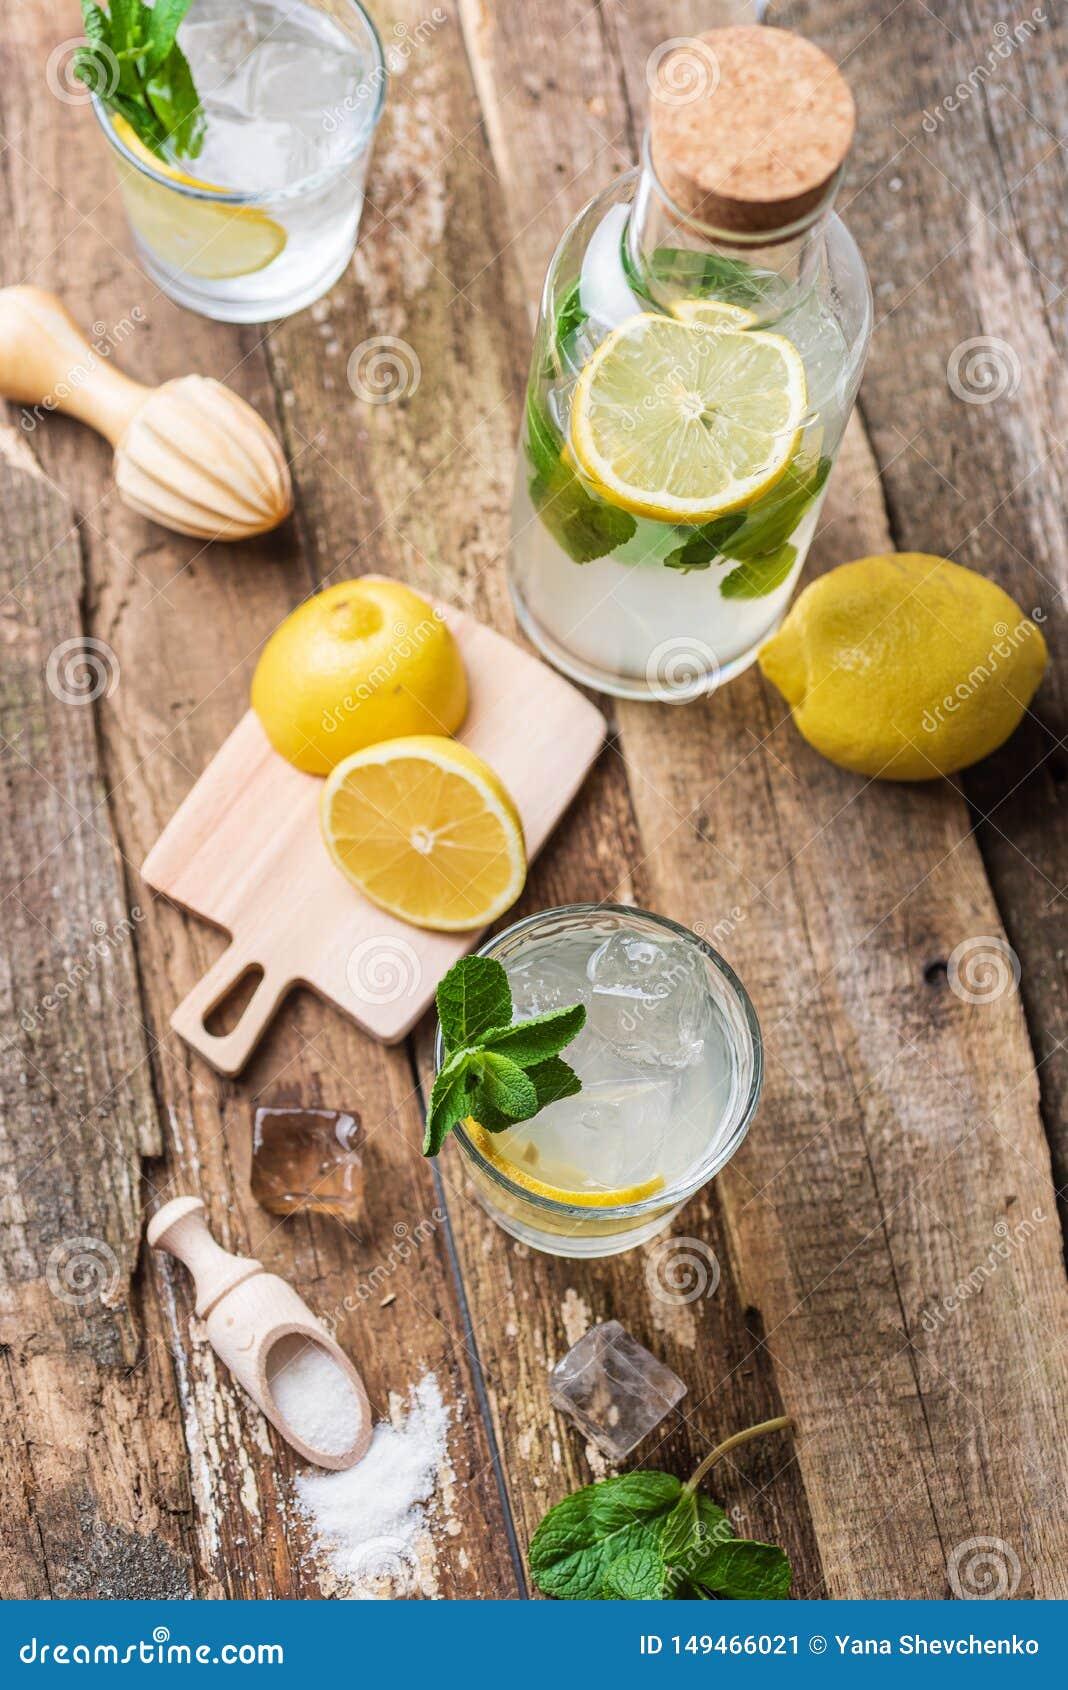 Бутылка и 2 стекла свежего лимонада с кусками, мятой и льдом лимона на старых деревянных планках